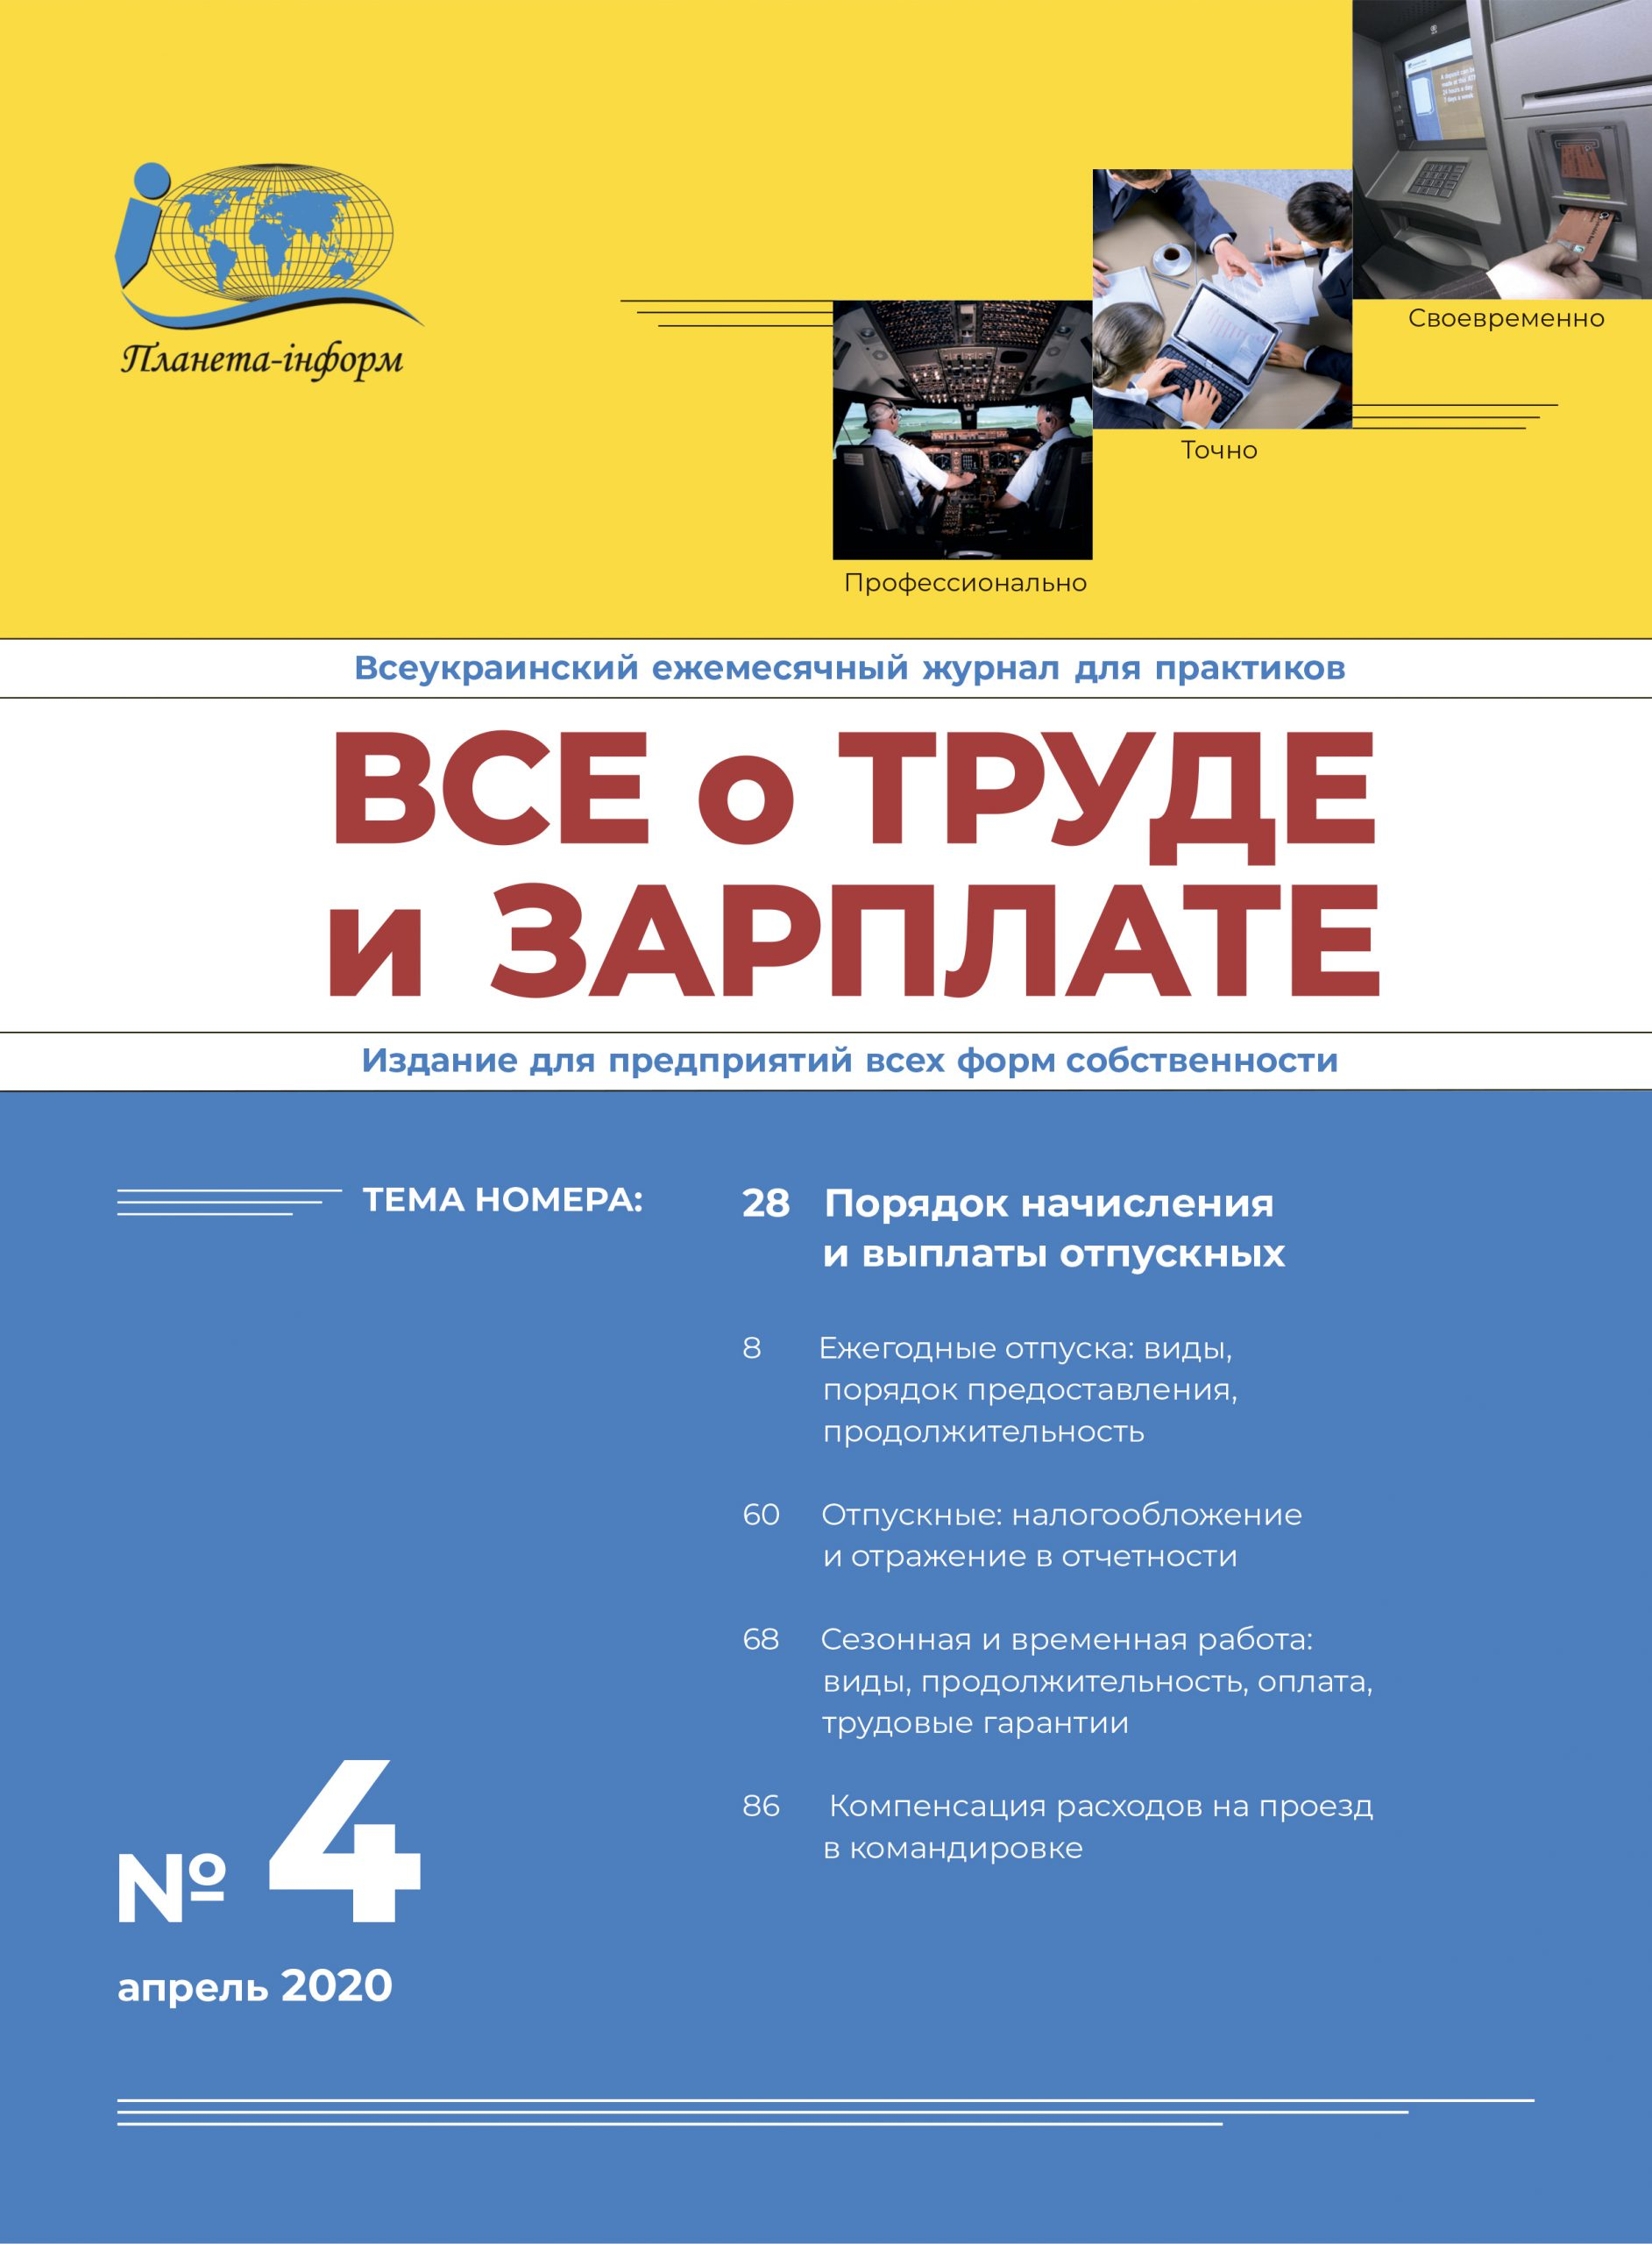 Журнал Все о труде и зарплате № 4/2020